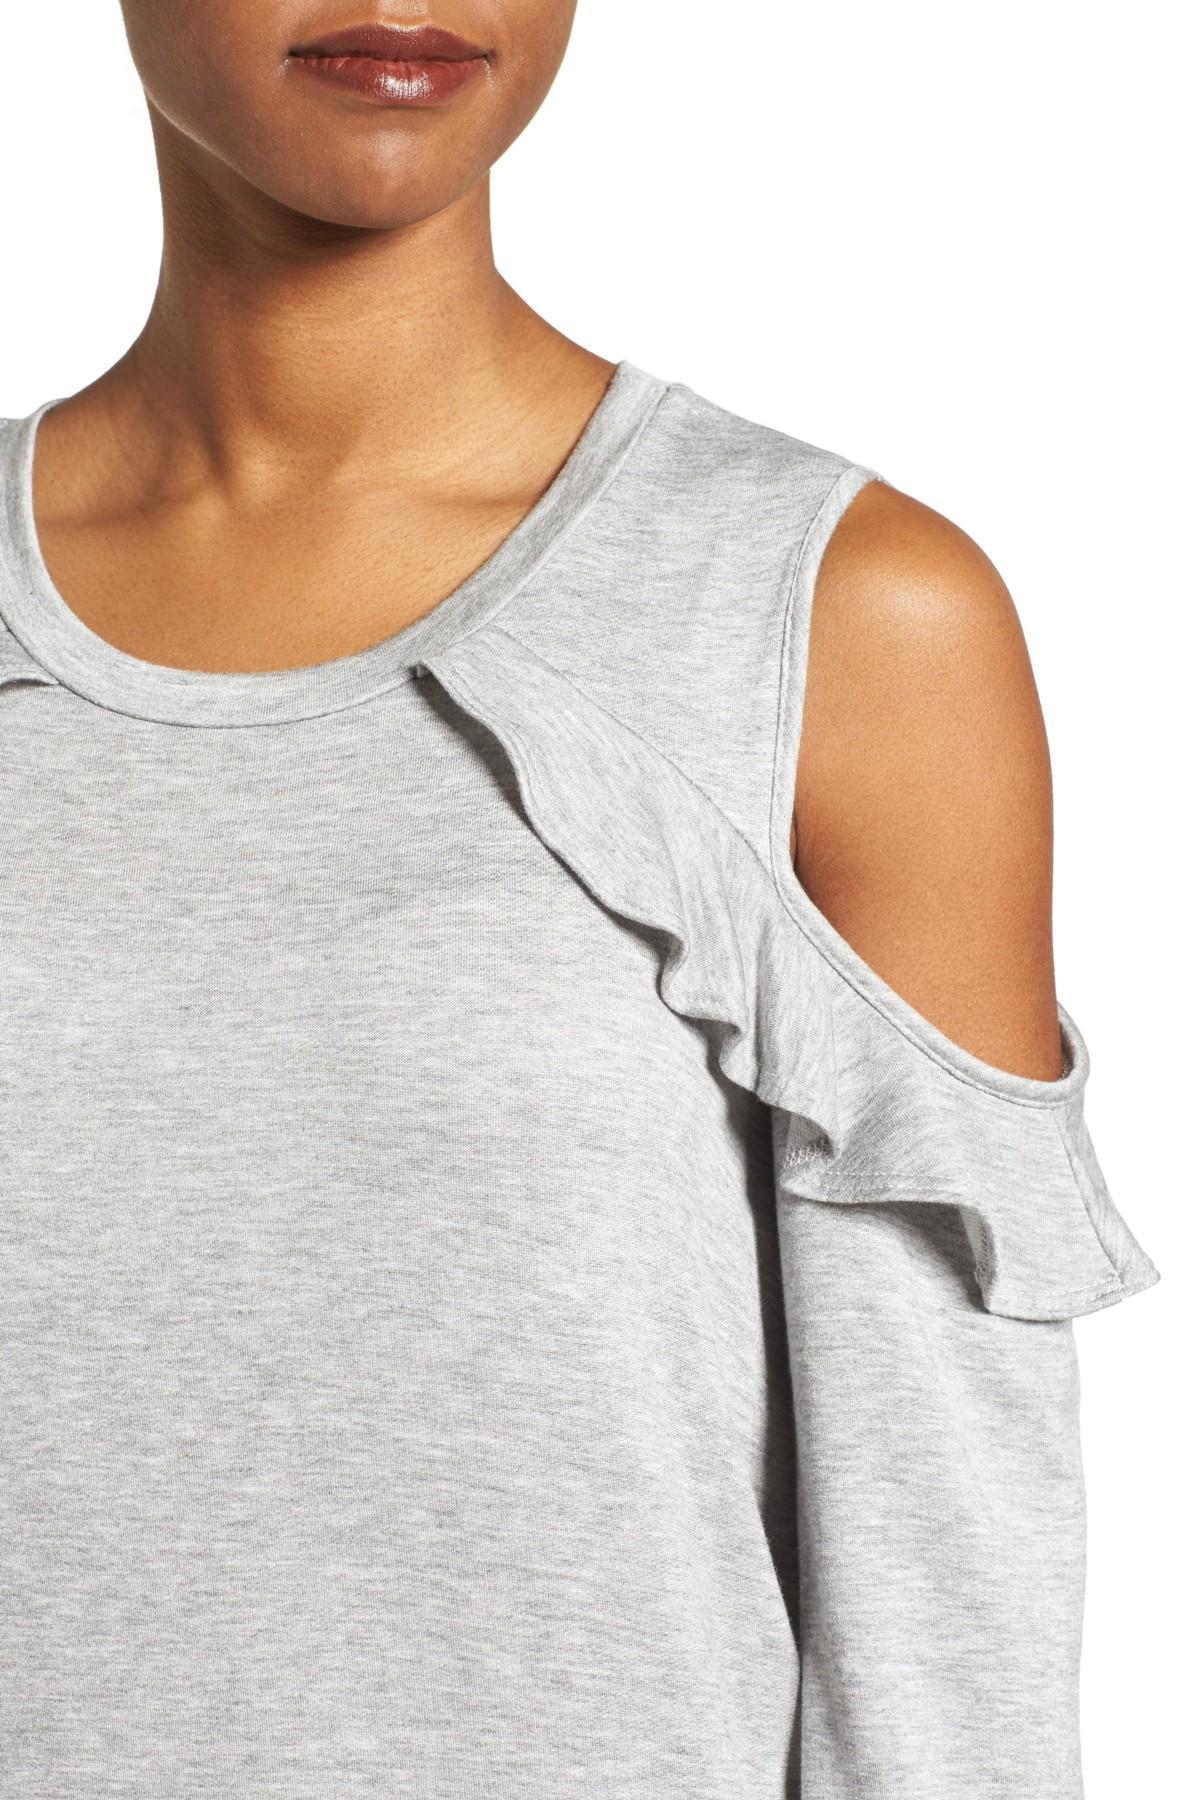 acbcfbd9c7af1 Bobeau - Gray Ruffle Cold Shoulder Sweatshirt - Lyst. View fullscreen